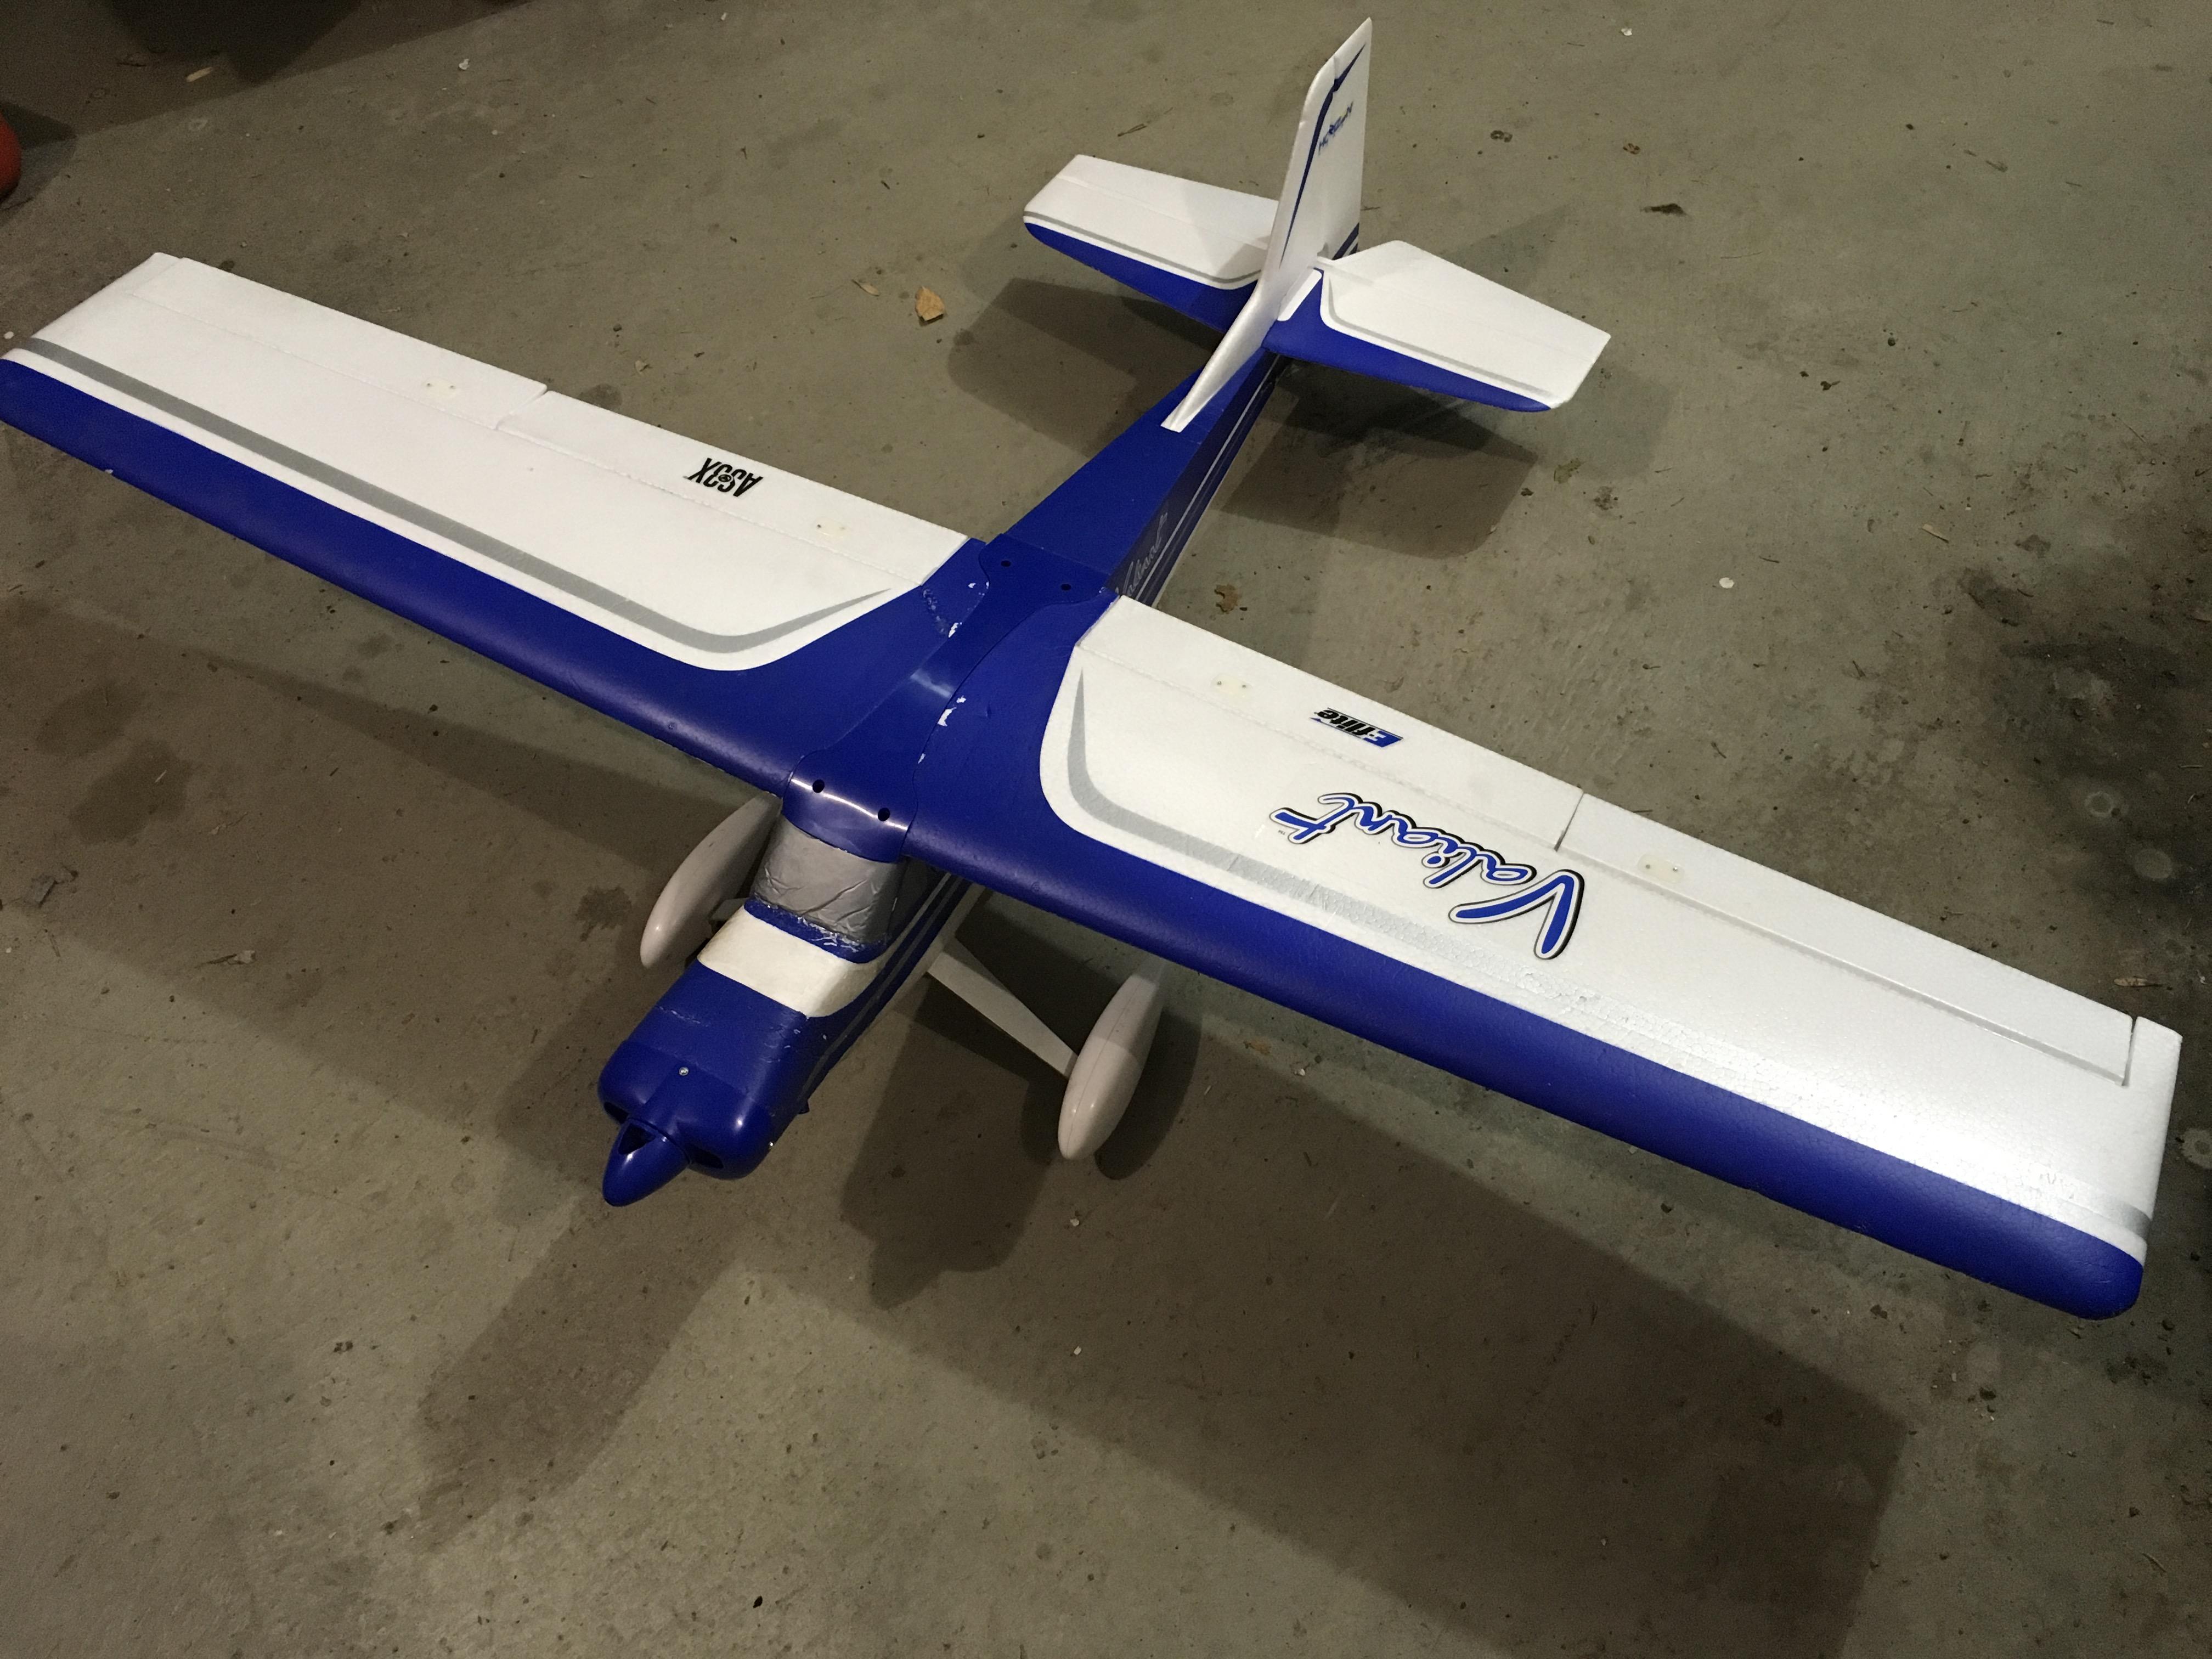 FC70AFAB-9D52-43E1-A387-EB7EEA8C7F20.jpeg